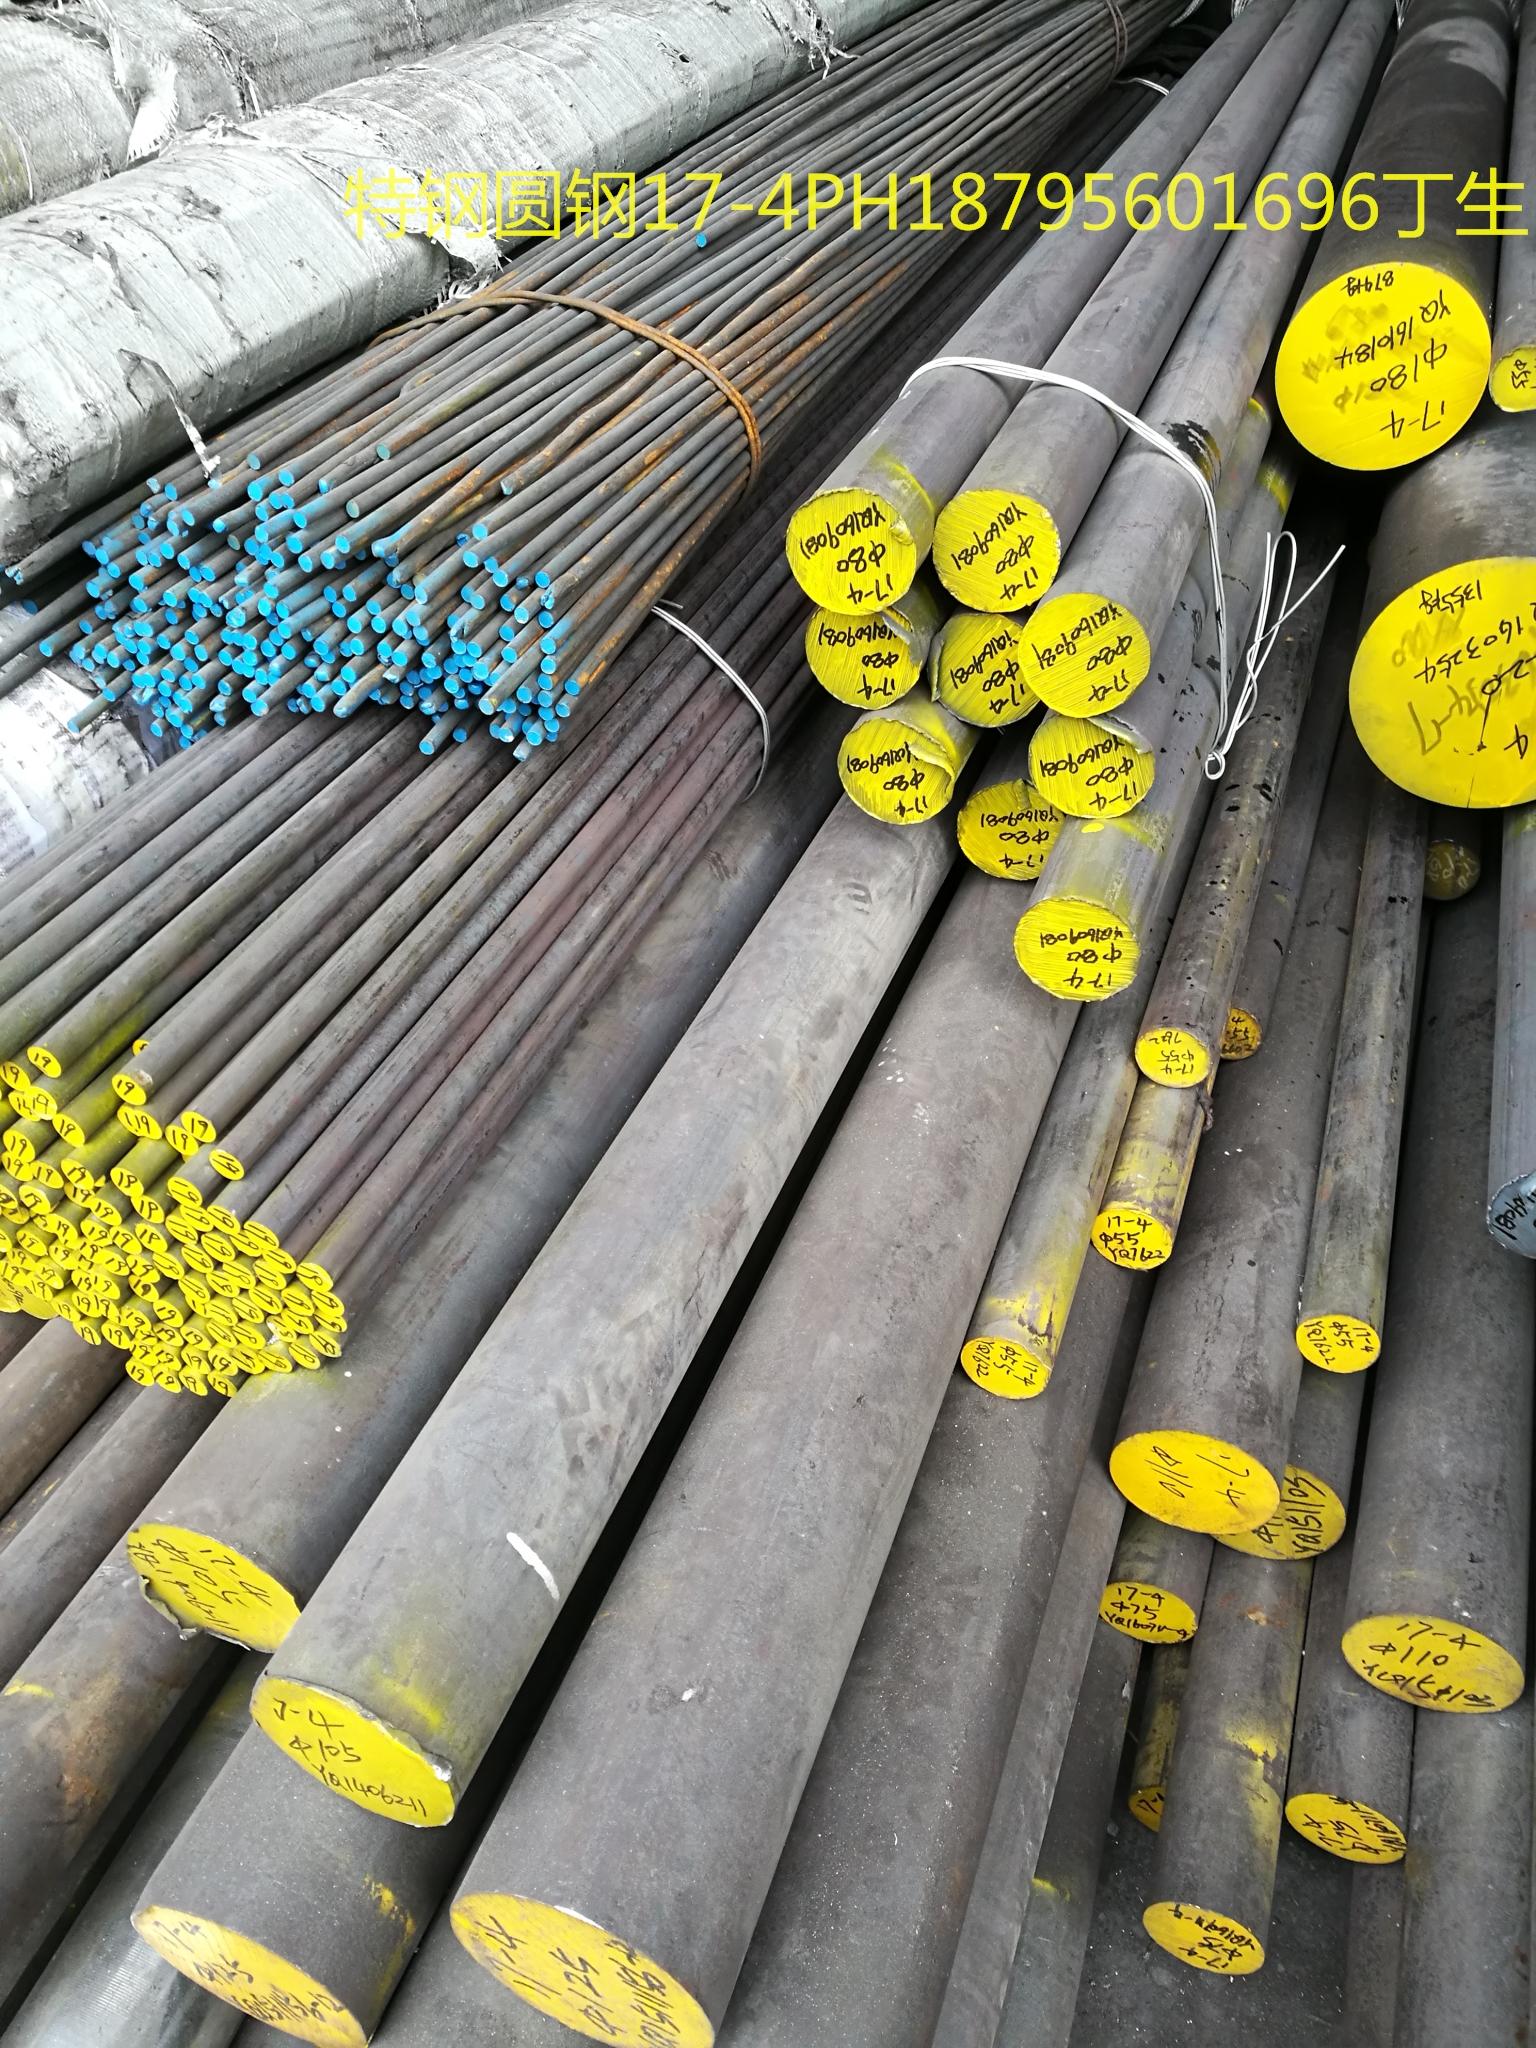 江苏不锈钢圆钢批发厂家, 江苏不锈钢圆批发,江苏不锈钢圆钢厂家